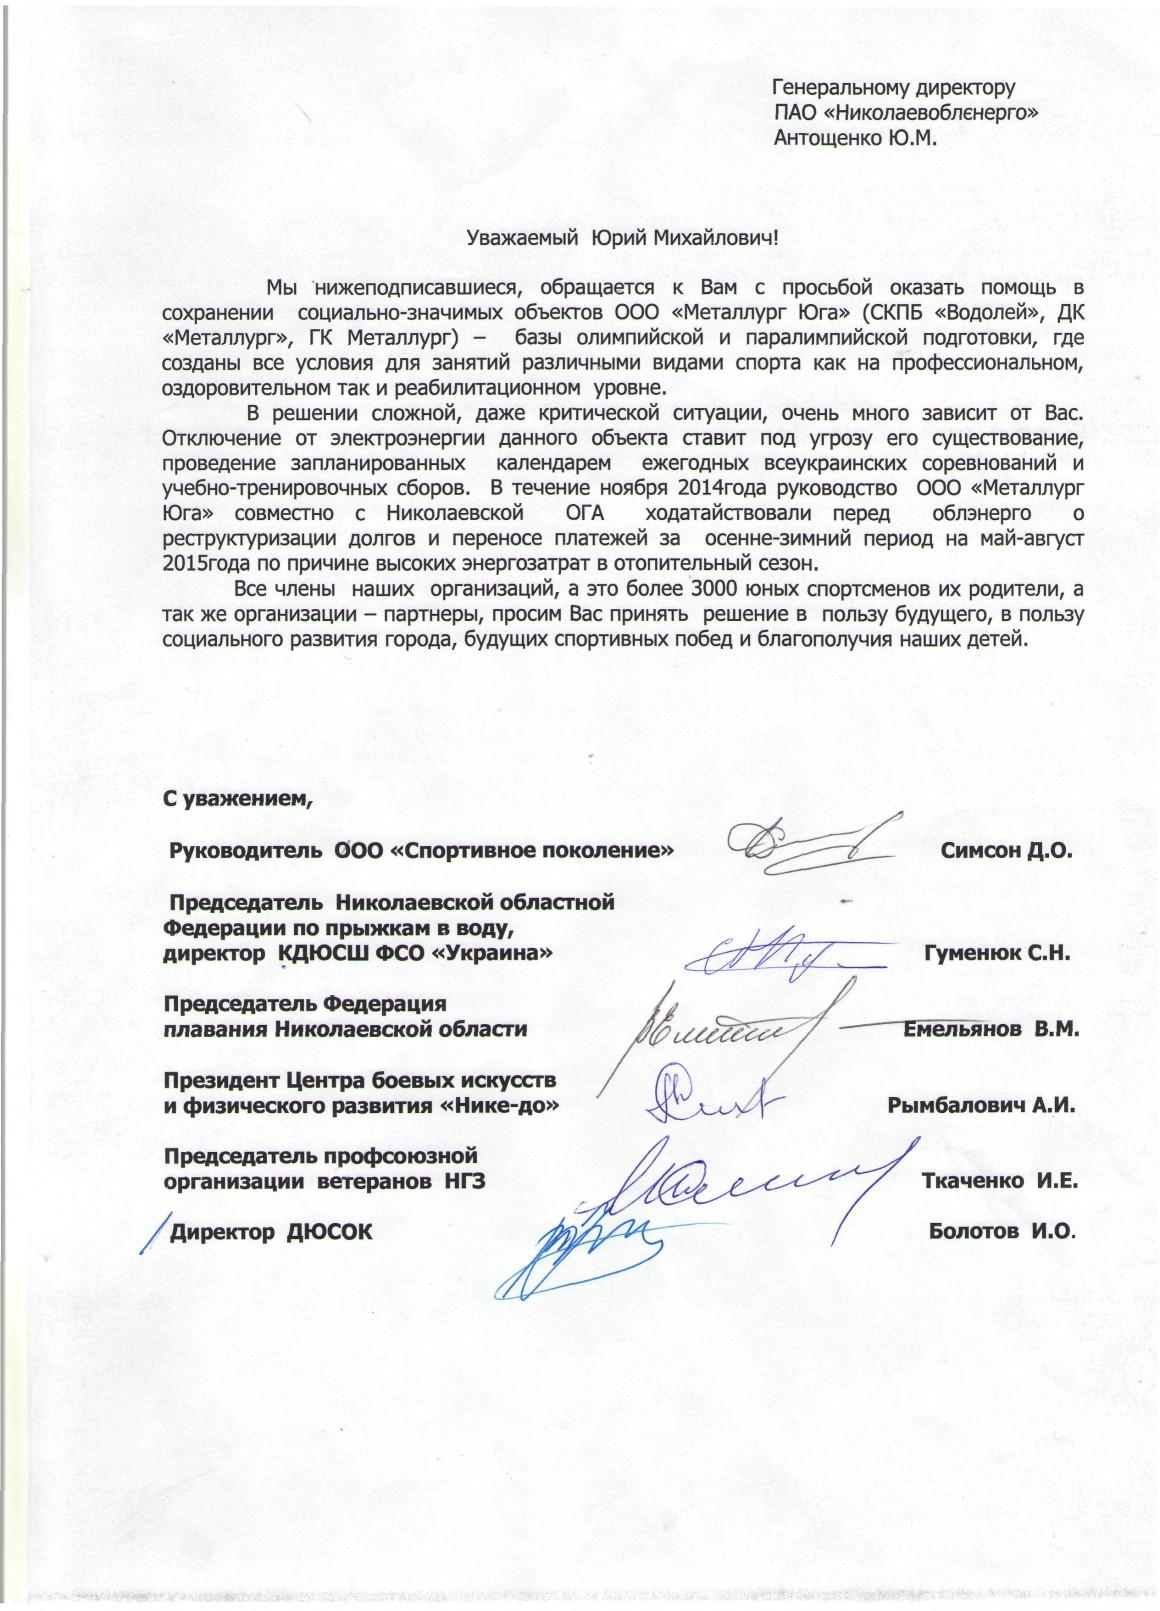 ПИСЬМО АНТОЩЕНКО